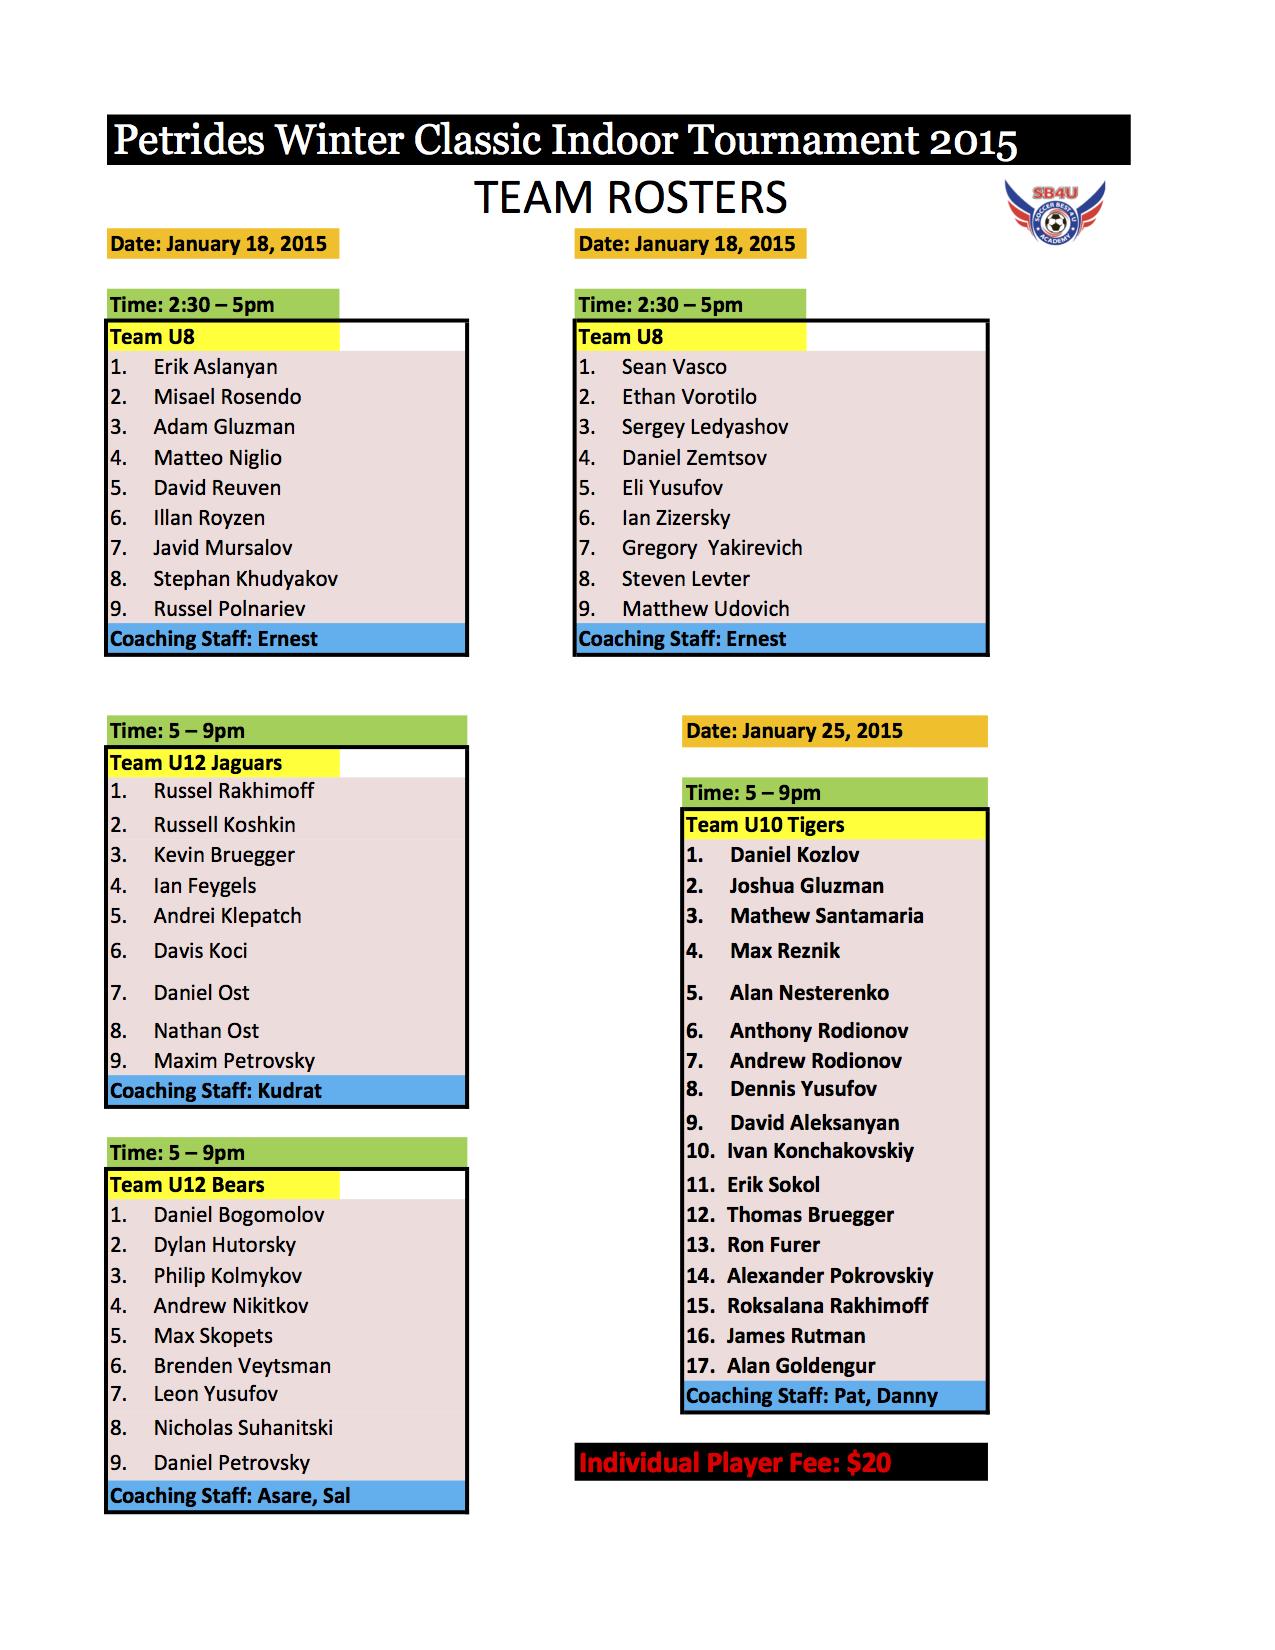 Perides Indoor Tournament SB4U Team Rosters